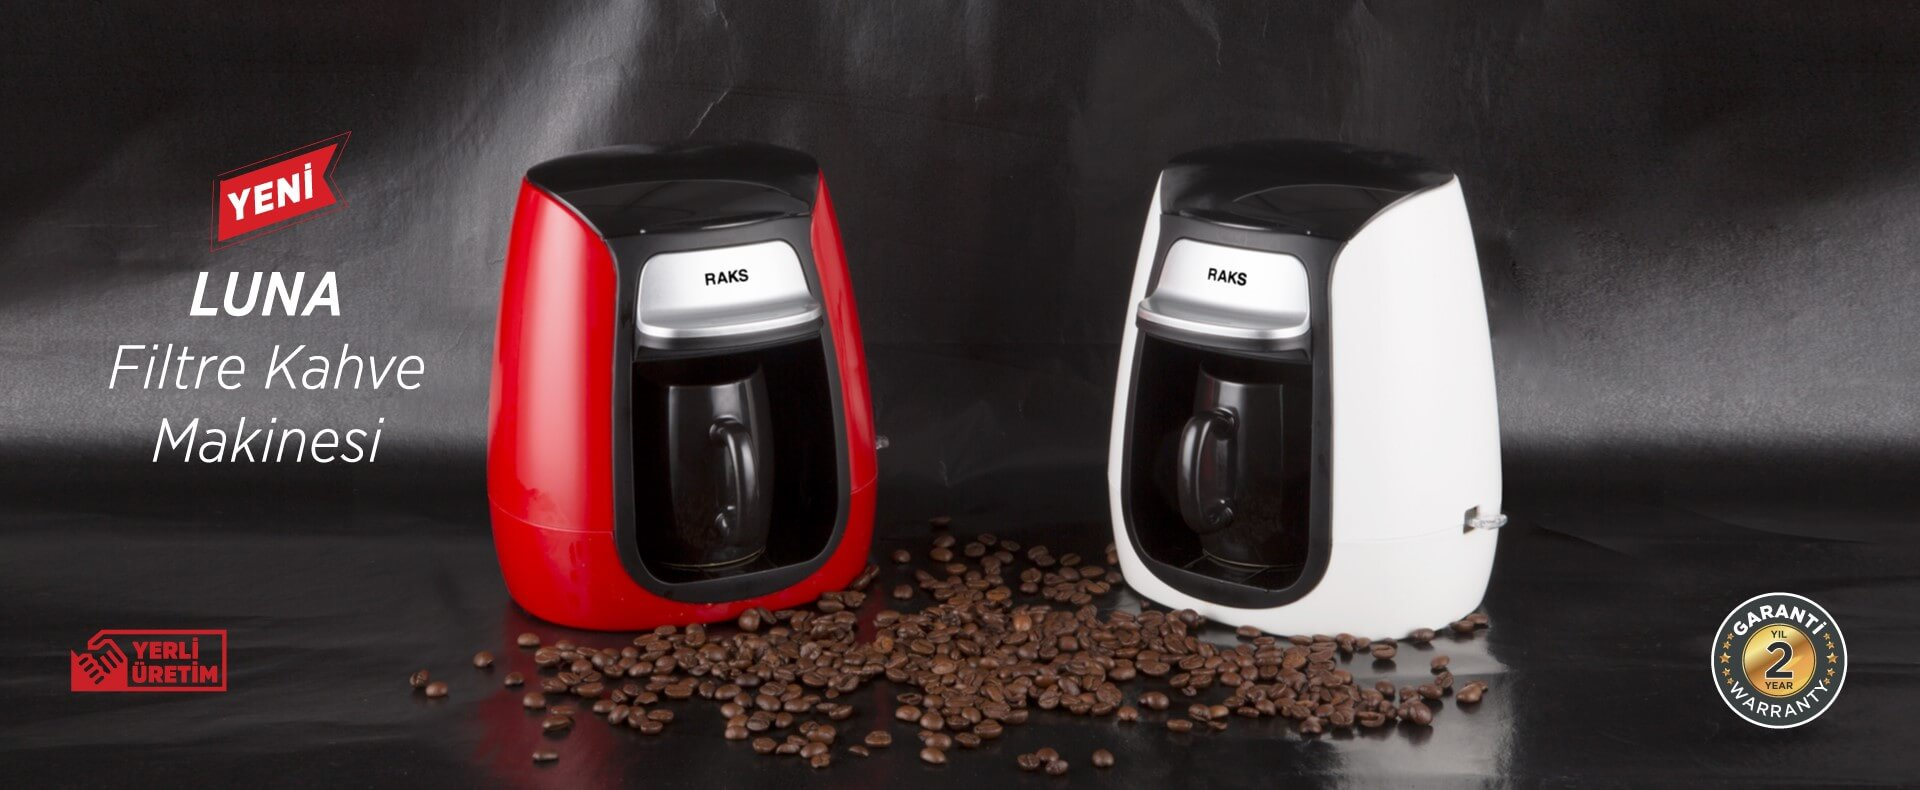 Luna Filtre Kahve Makinesi